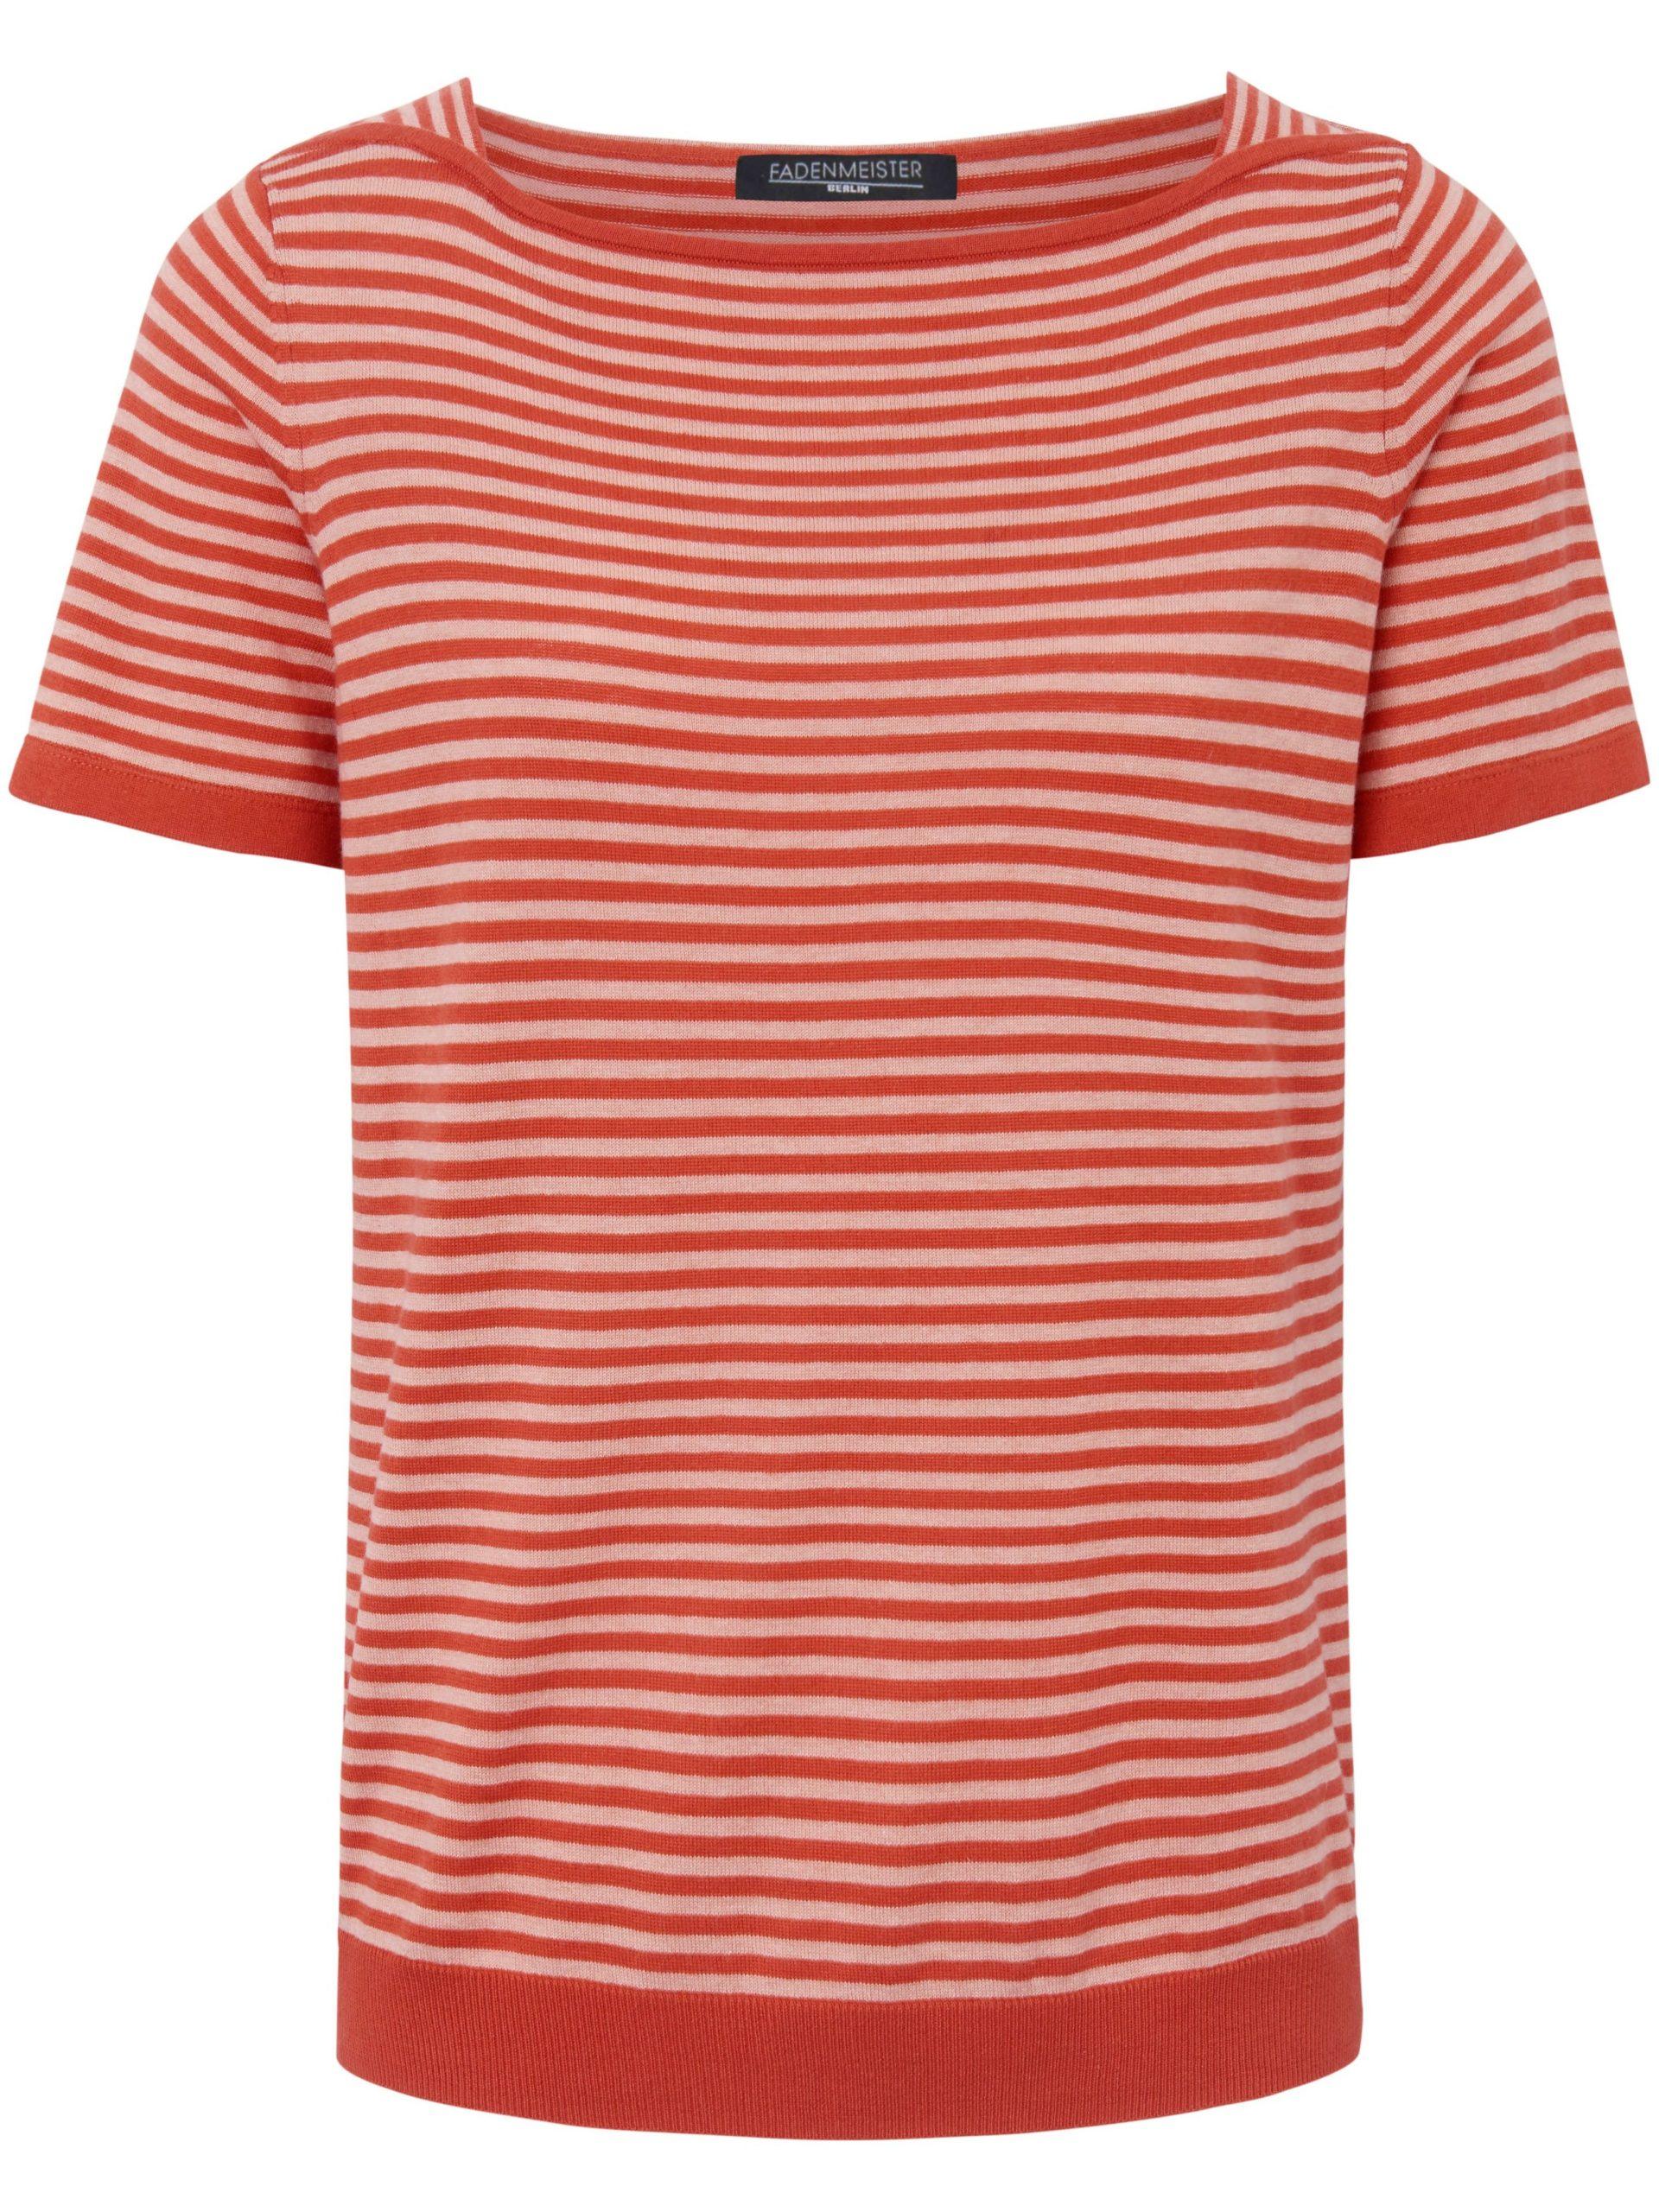 Shirt met korte mouwen Van Fadenmeister Berlin multicolour Kopen